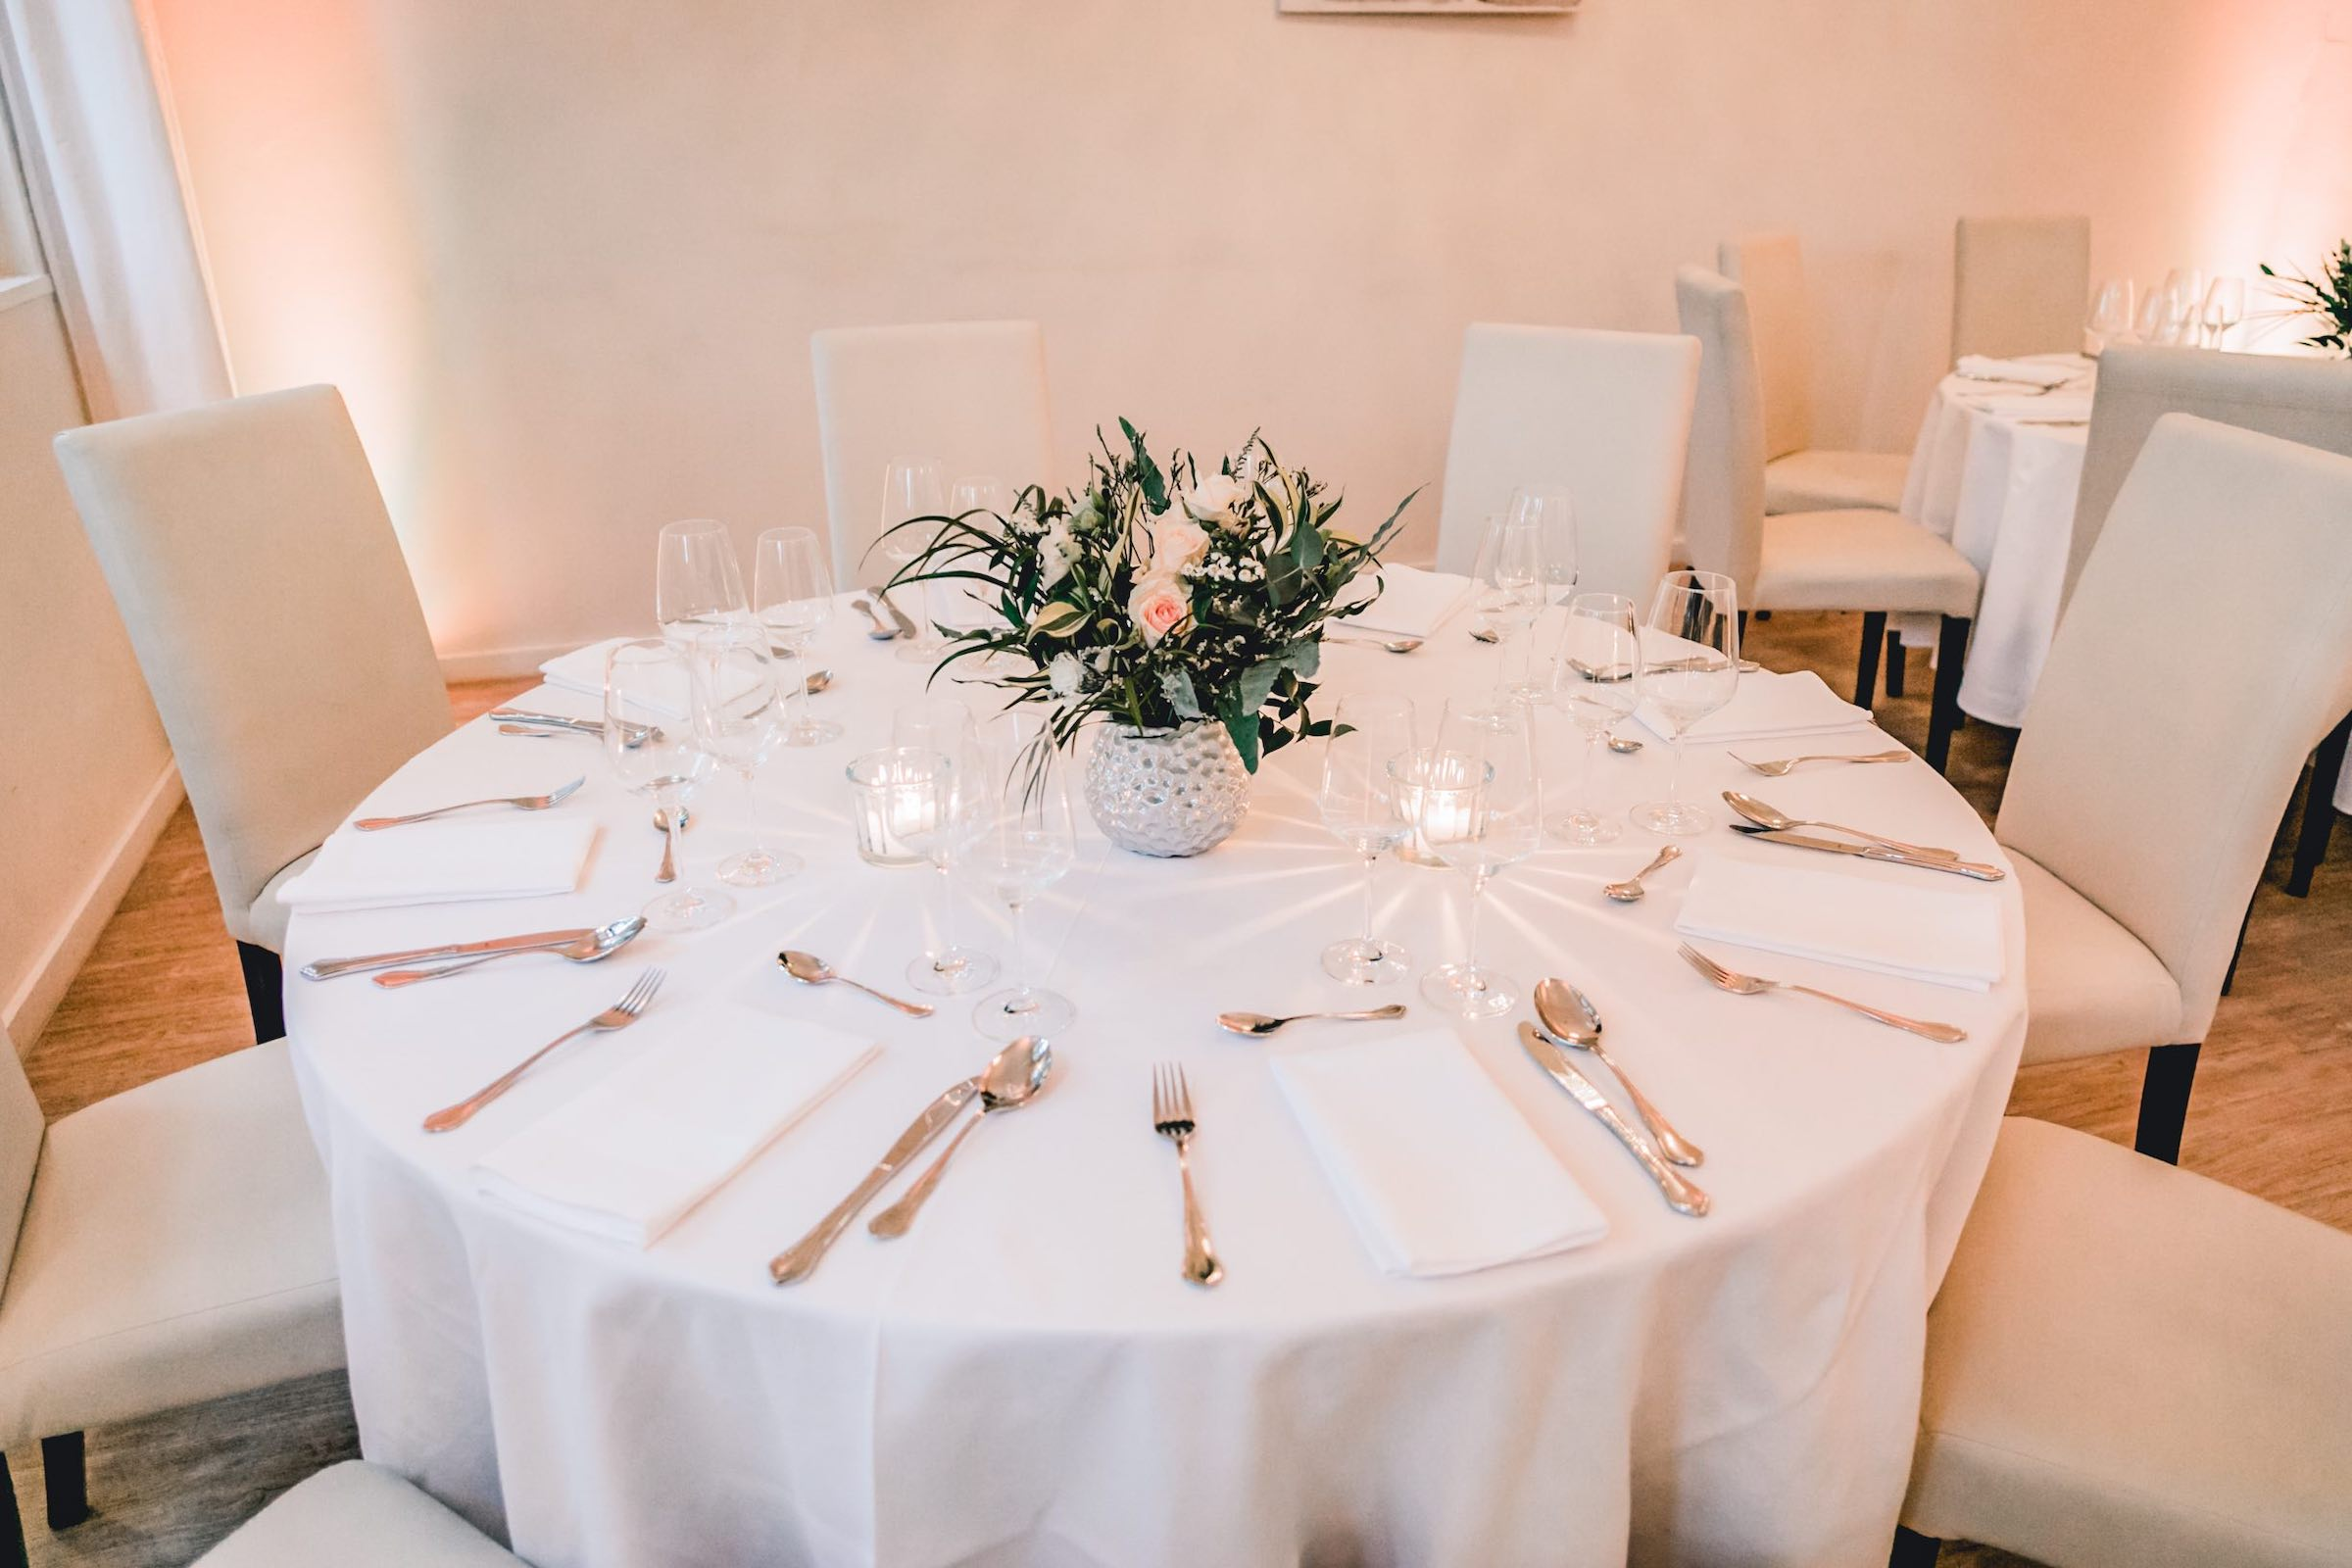 Häserhof   Reddestorf   Location   Referenz   Tischdekoration   Dekoration   Eventplaner   Hochzeitsplaner   Eventaustattung   Mieten   Buchen   Lehmann   Eventservice